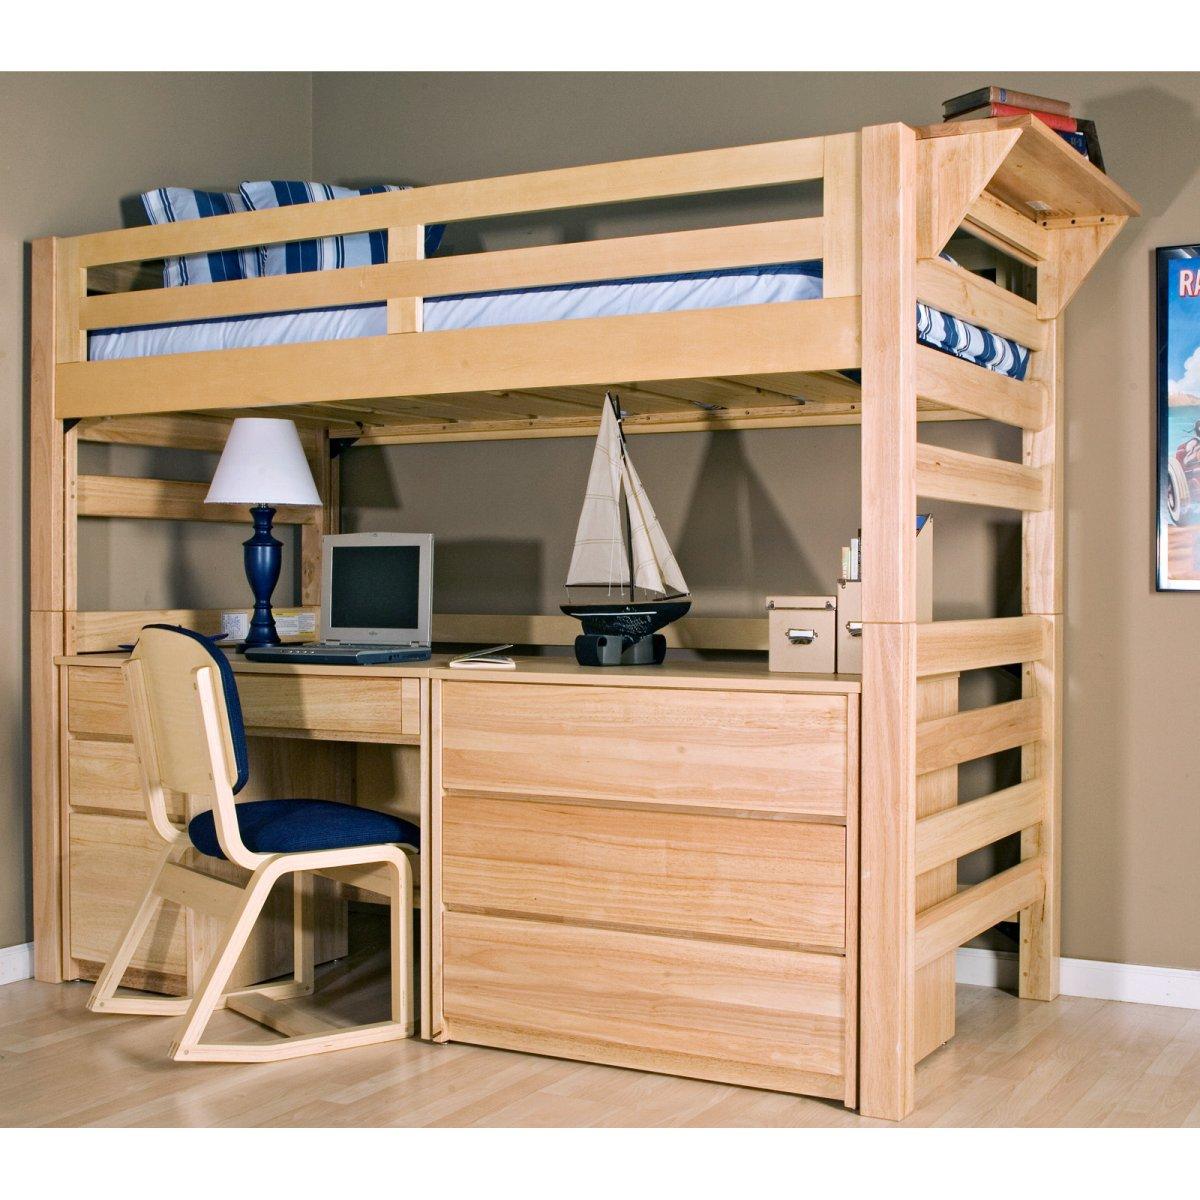 Мультифункциональная мебель не только практична, но и красива